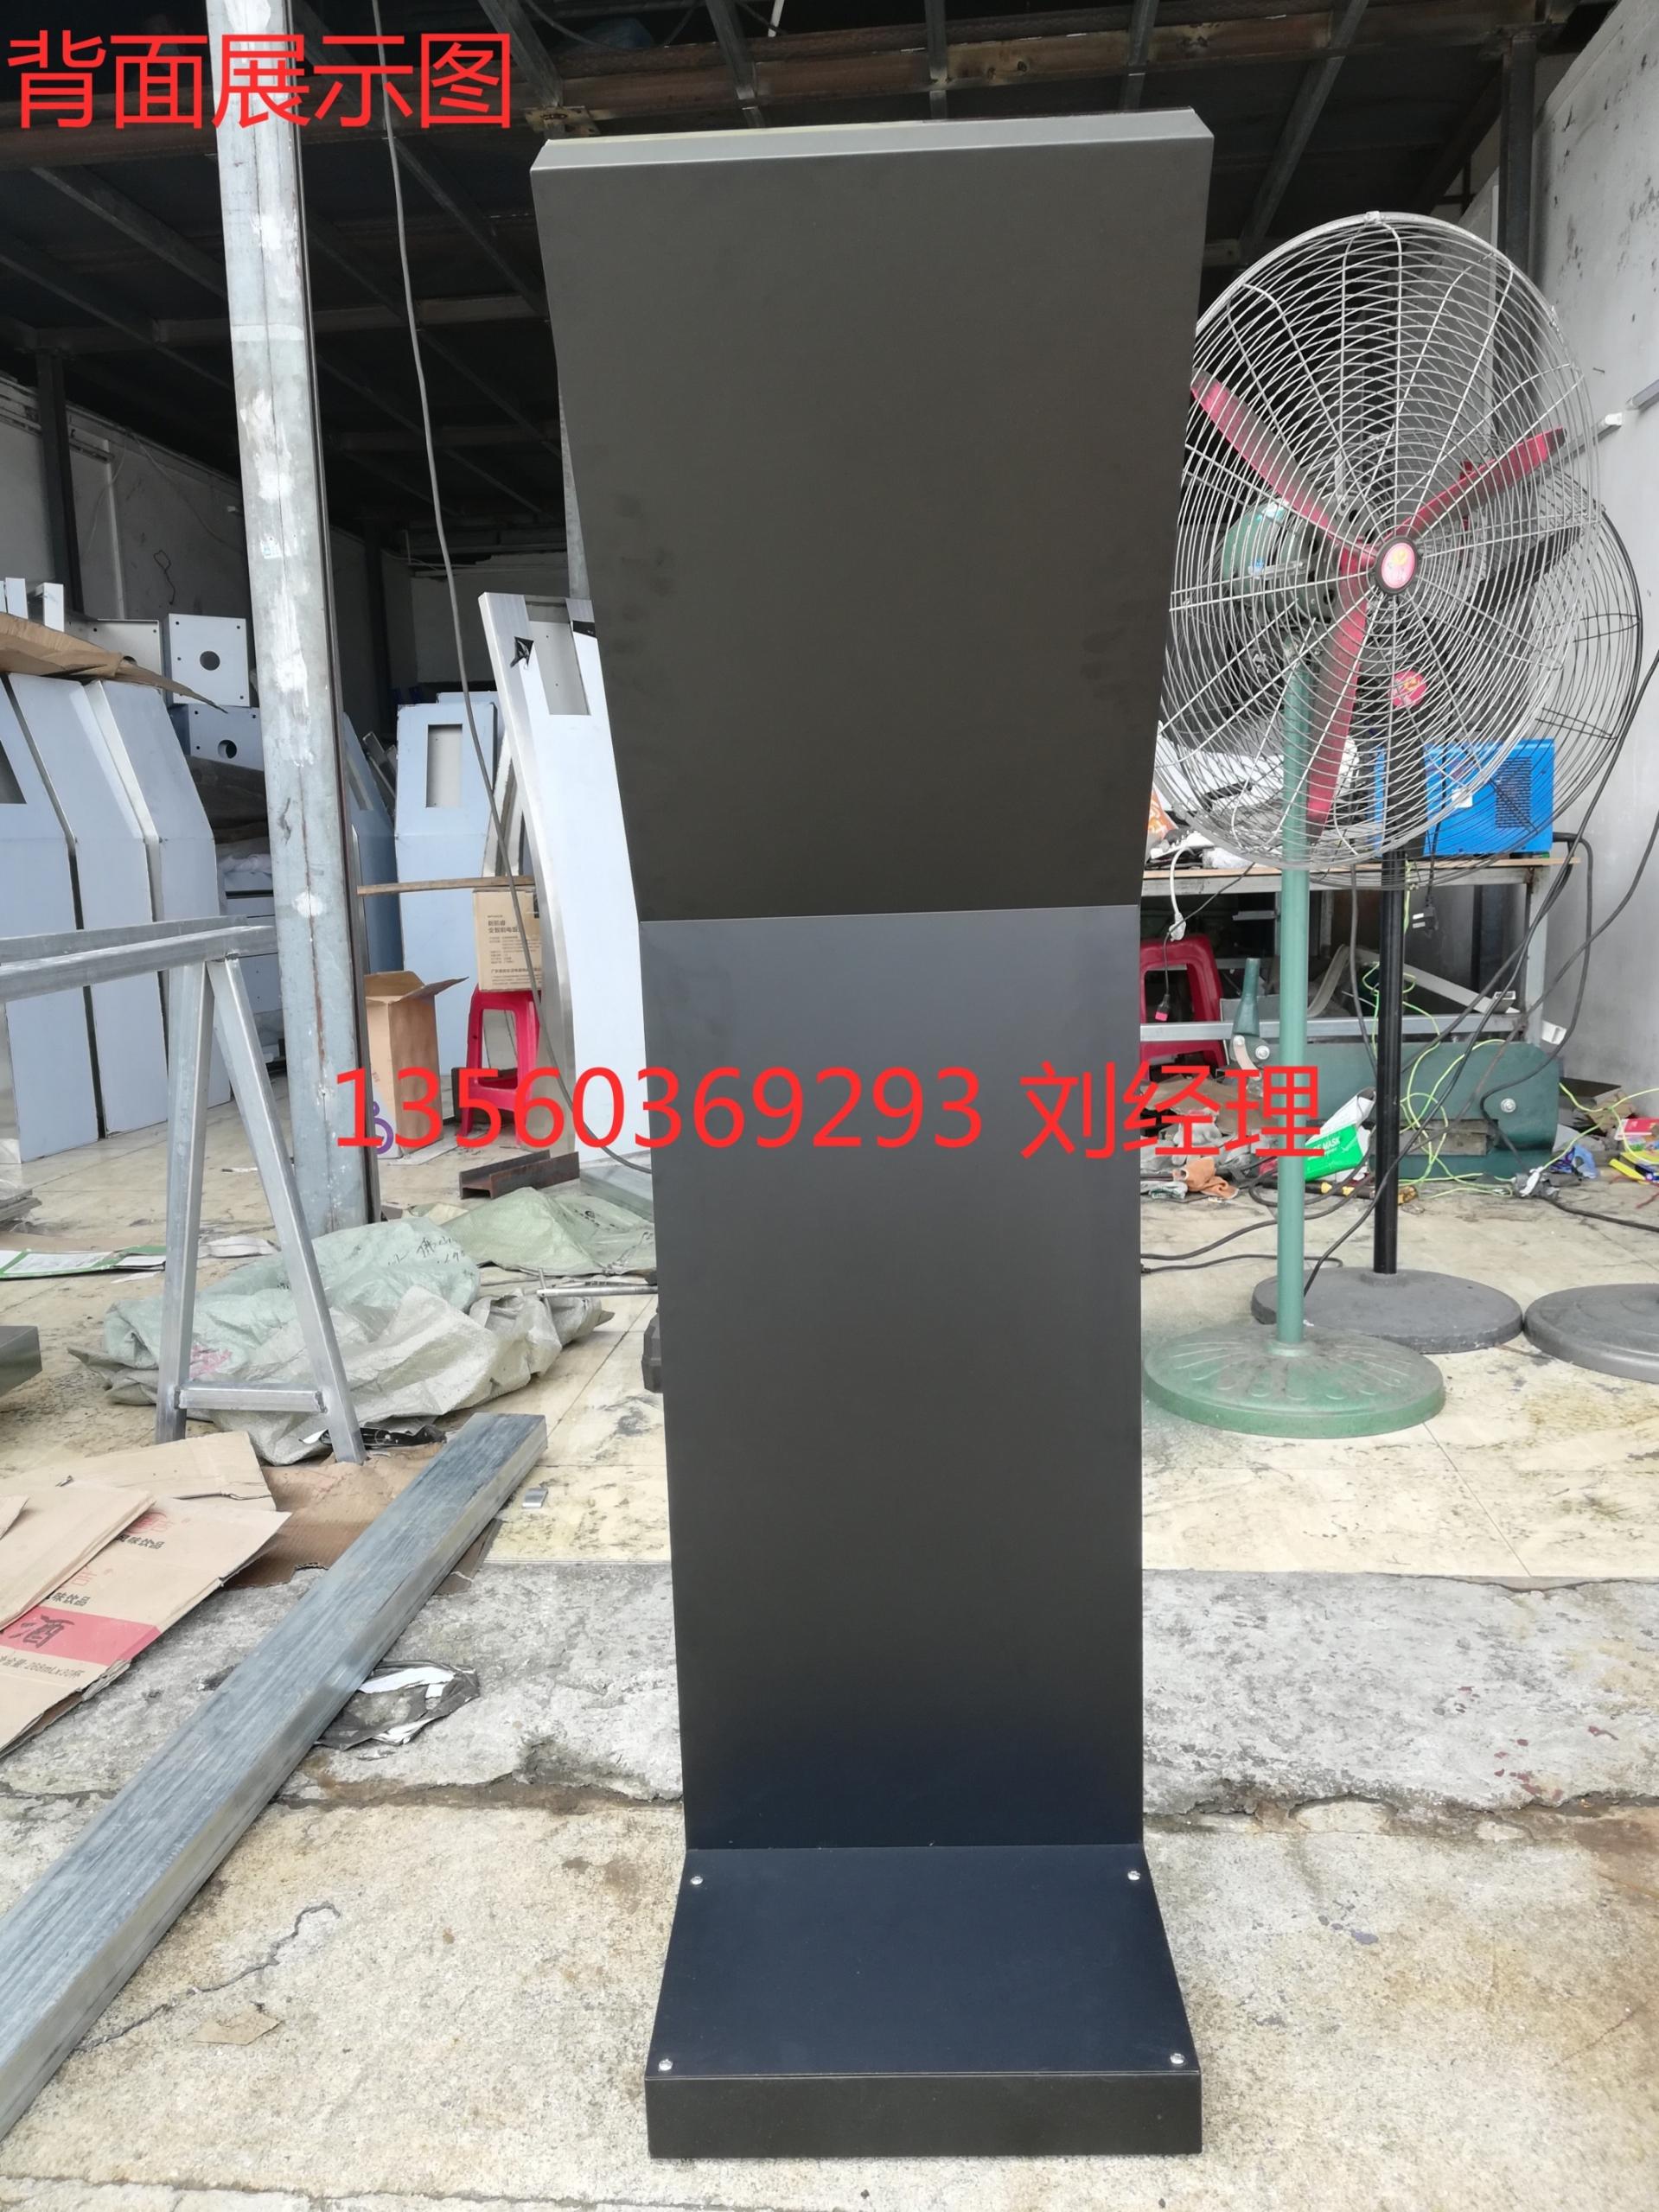 楼宇可视对讲小区体温检测人脸识别不锈钢机座立柱支架操作台订制